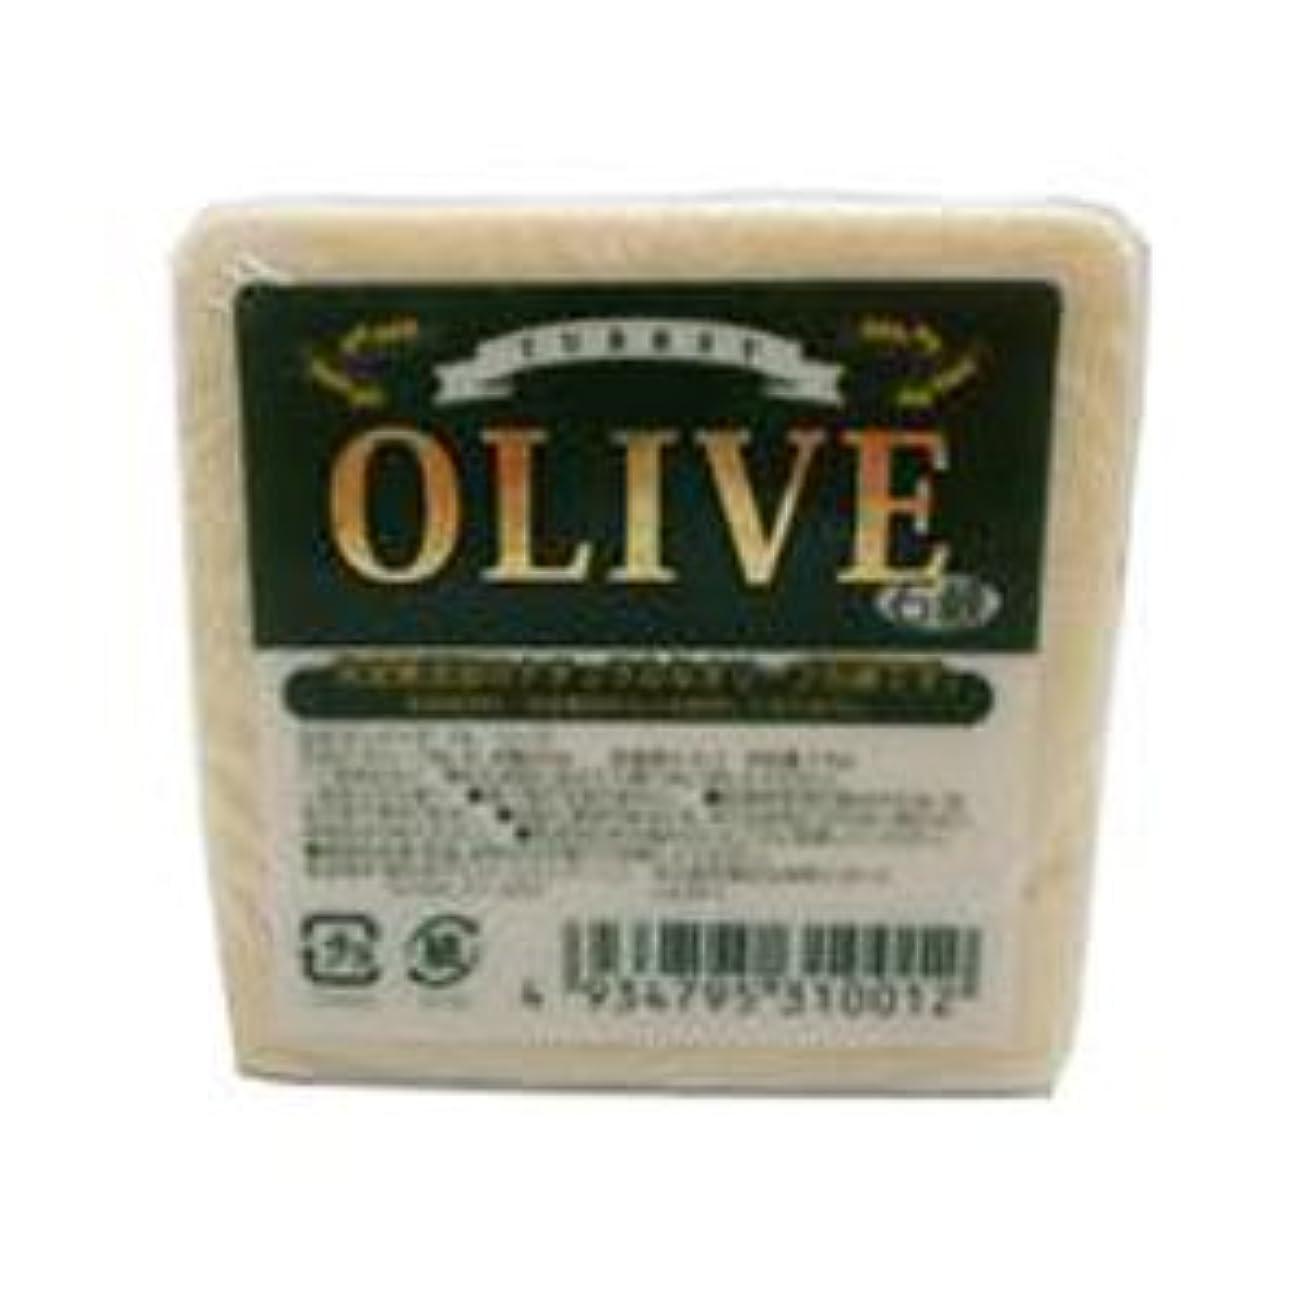 トンネルご近所誕生日お得な5個セット トルコ産オリーブを使用した無添加石鹸 ターキーオリーブ石鹸 135g